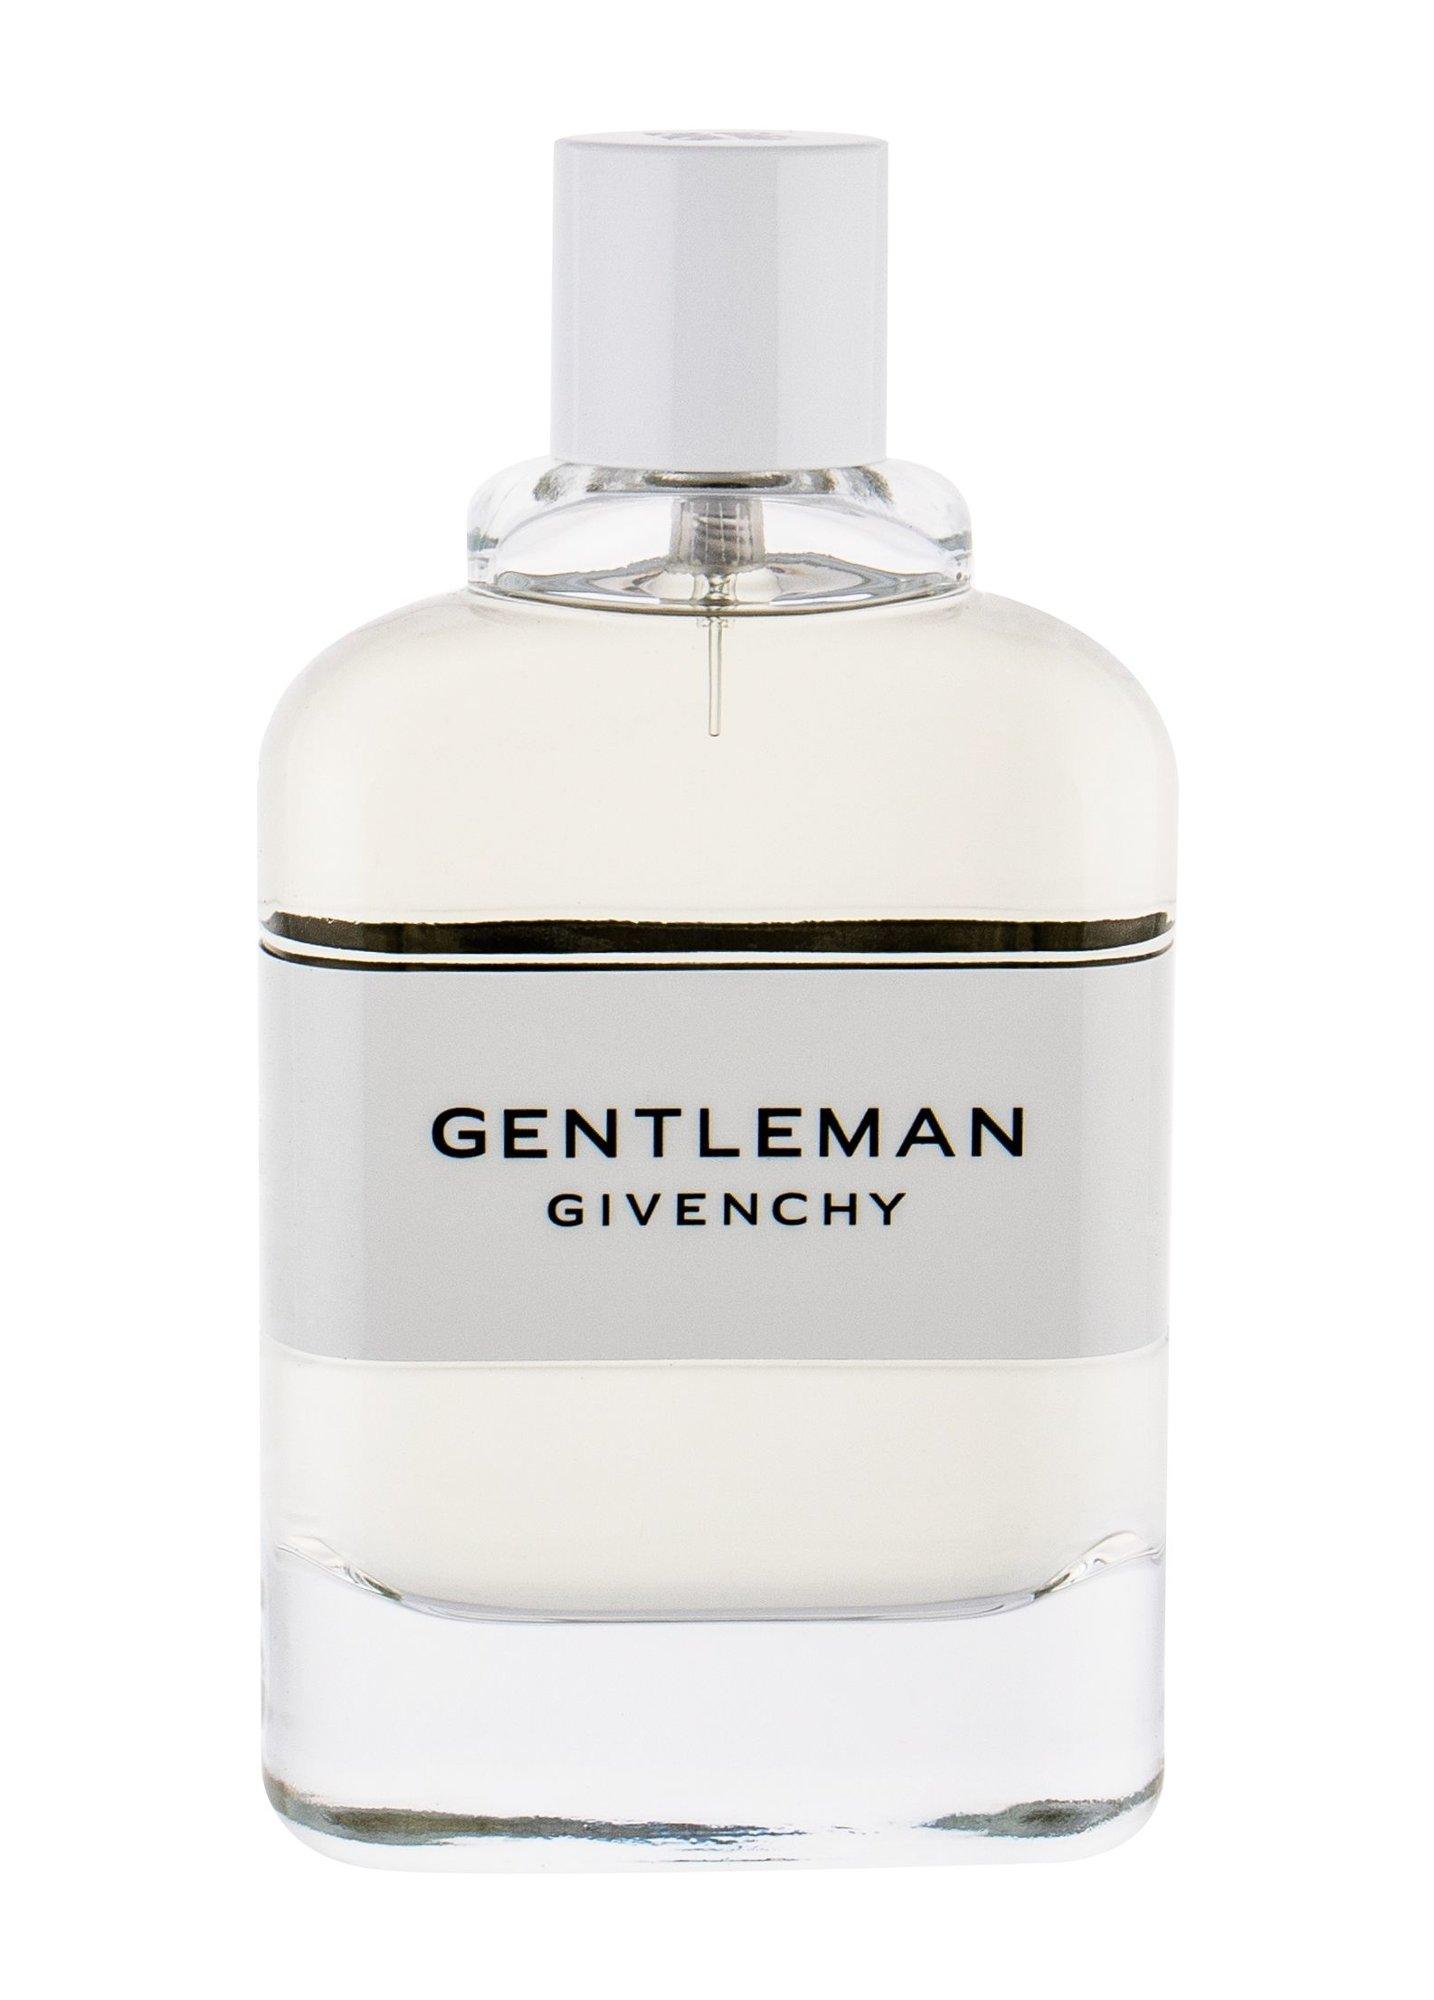 Givenchy Gentleman Eau de Toilette 100ml  Cologne